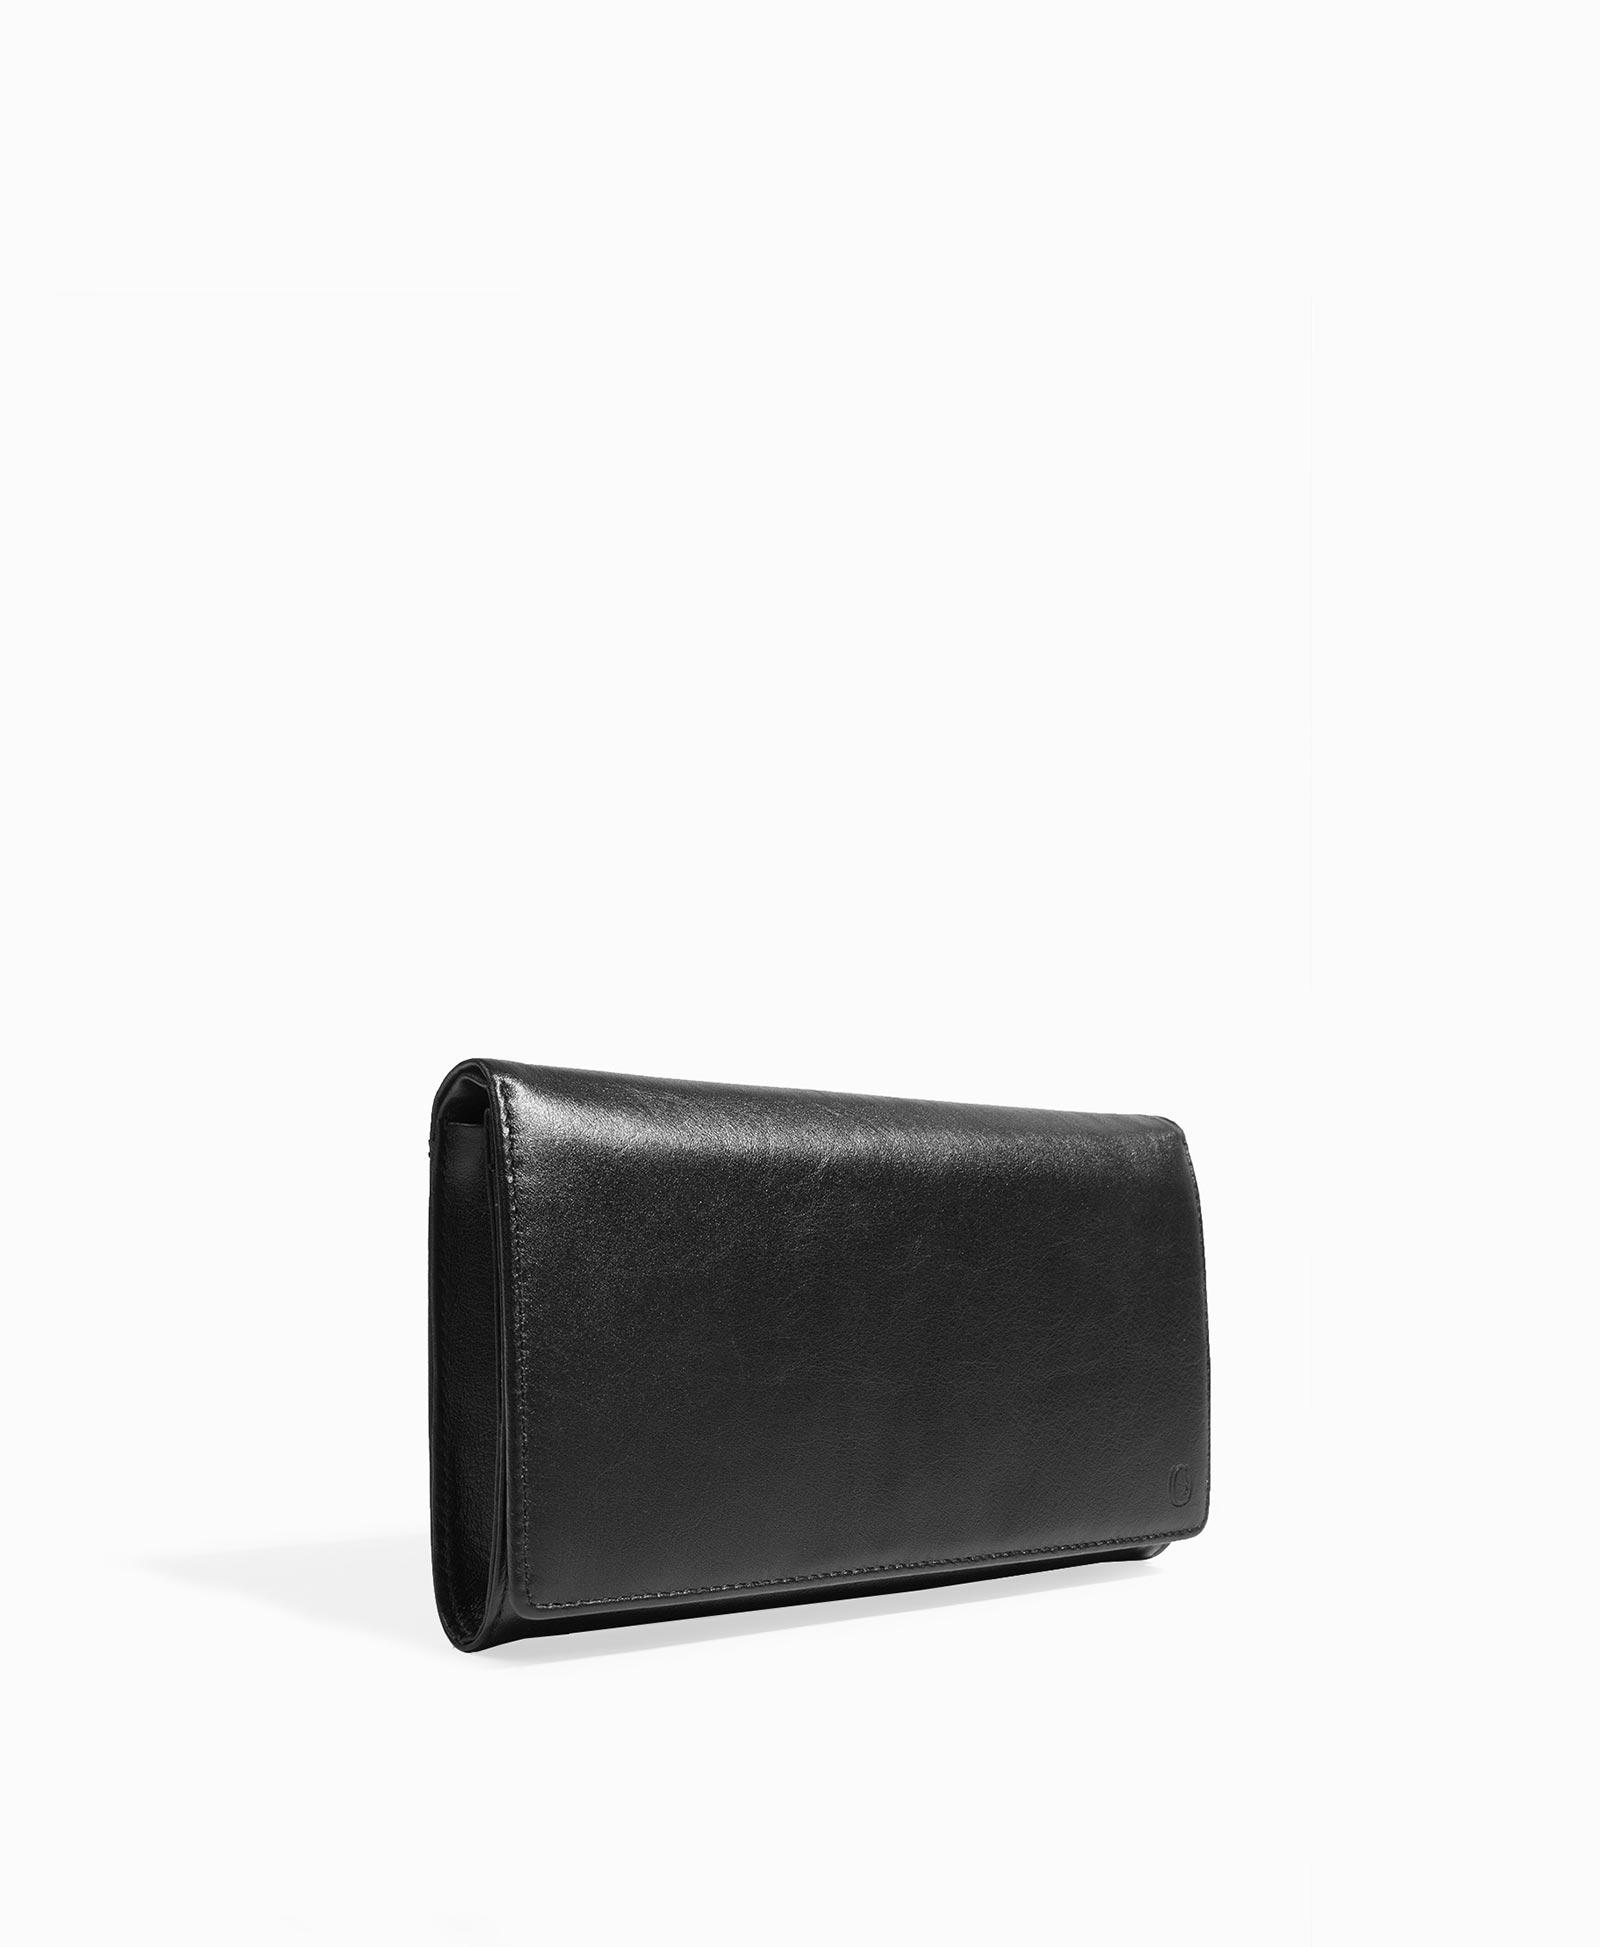 1f3359586e56 Бизнес-клатч 100% натуральная кожа, пол: Мужской, цвет: Черный, размер:  205*125. Купить в интернет-магазине ASKENT. Цена 3 590 руб.